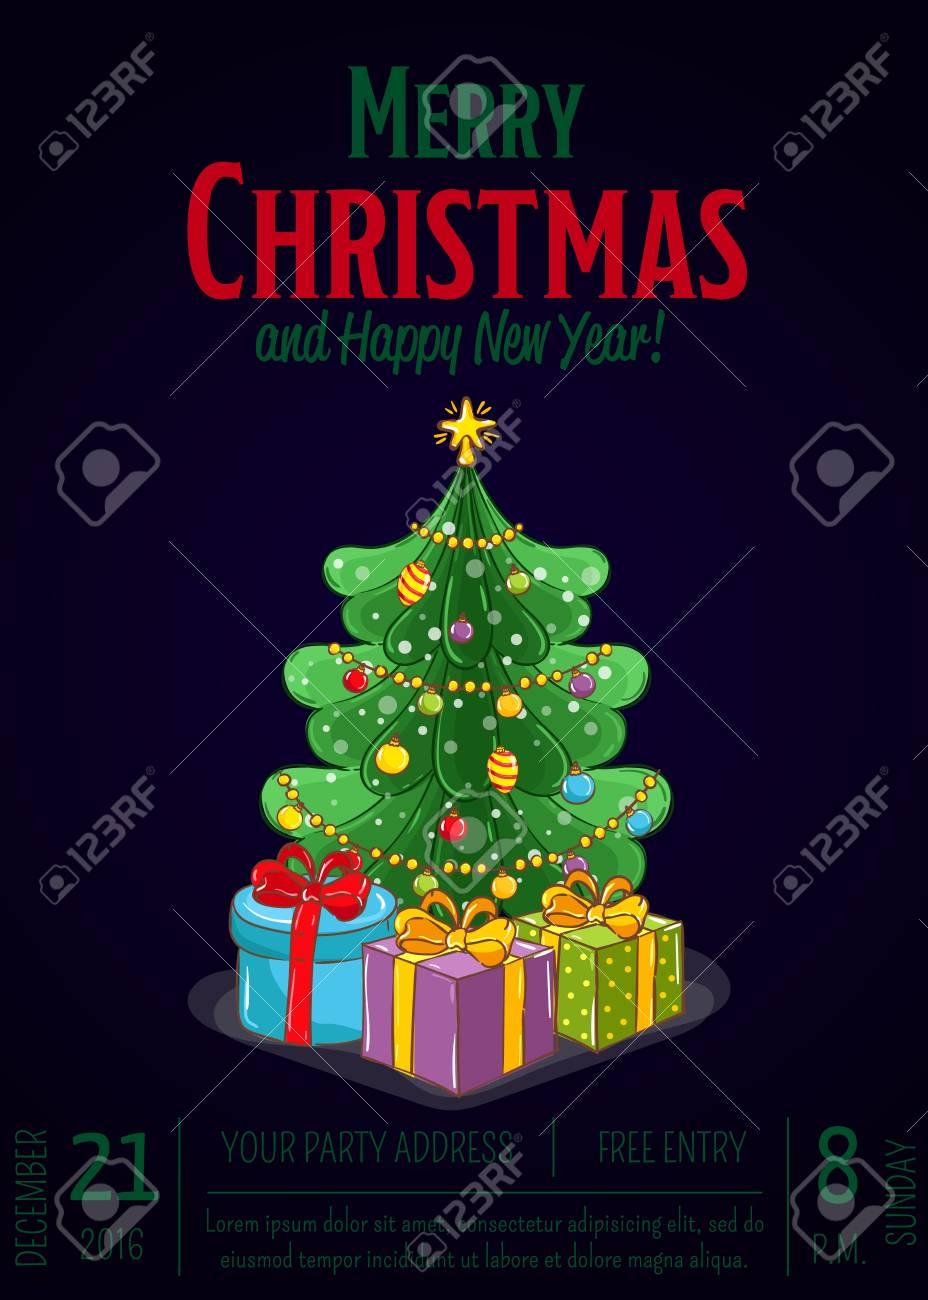 Weihnachtsfeier Promoplakat Mit Datum Und Uhrzeit. Verpackte ...